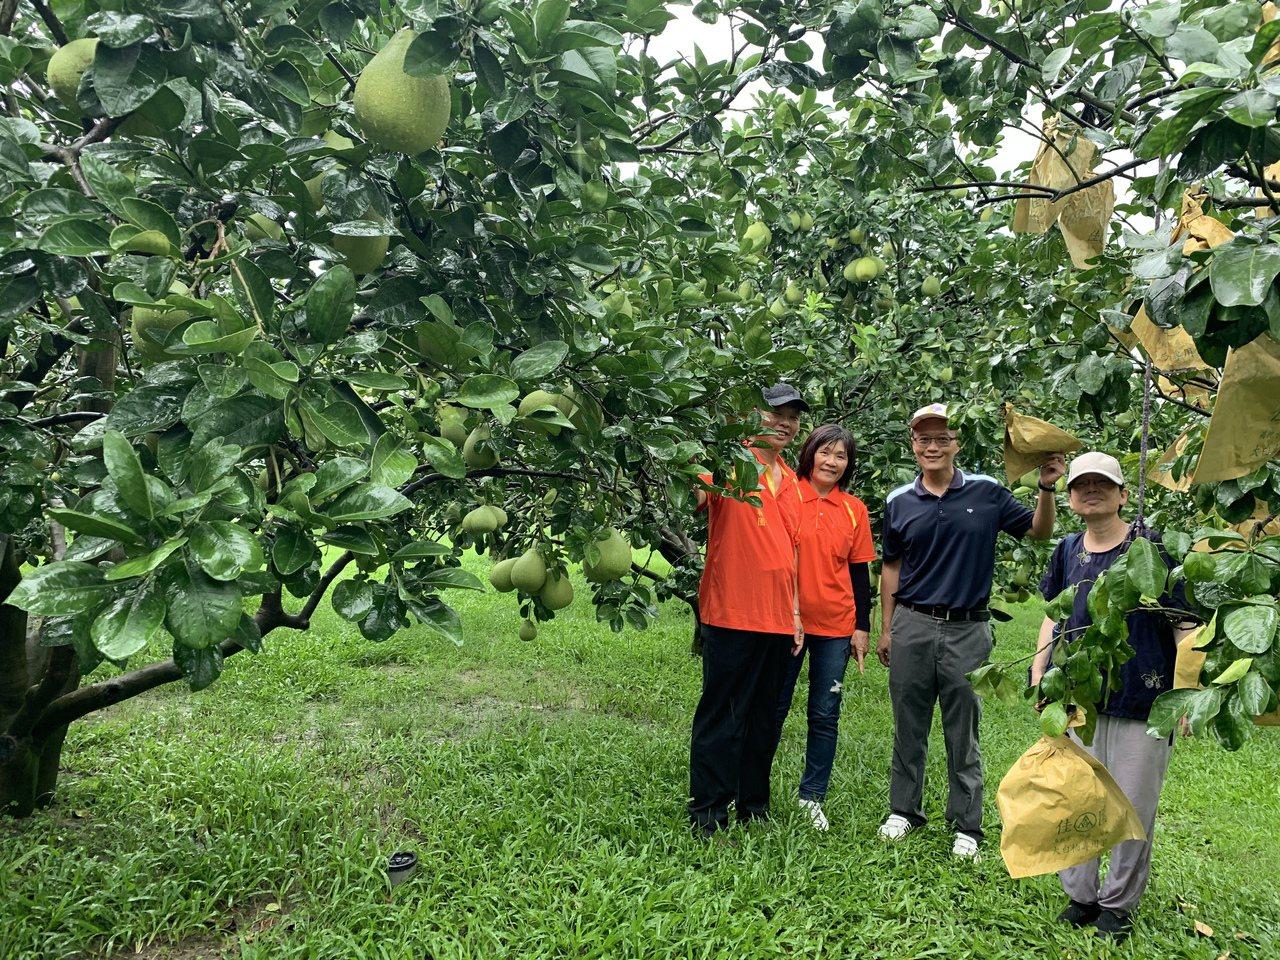 台南麻豆文旦產區的果園,已有一半採取草生栽培的管理方式,更省工也涵養土壤,果實更...